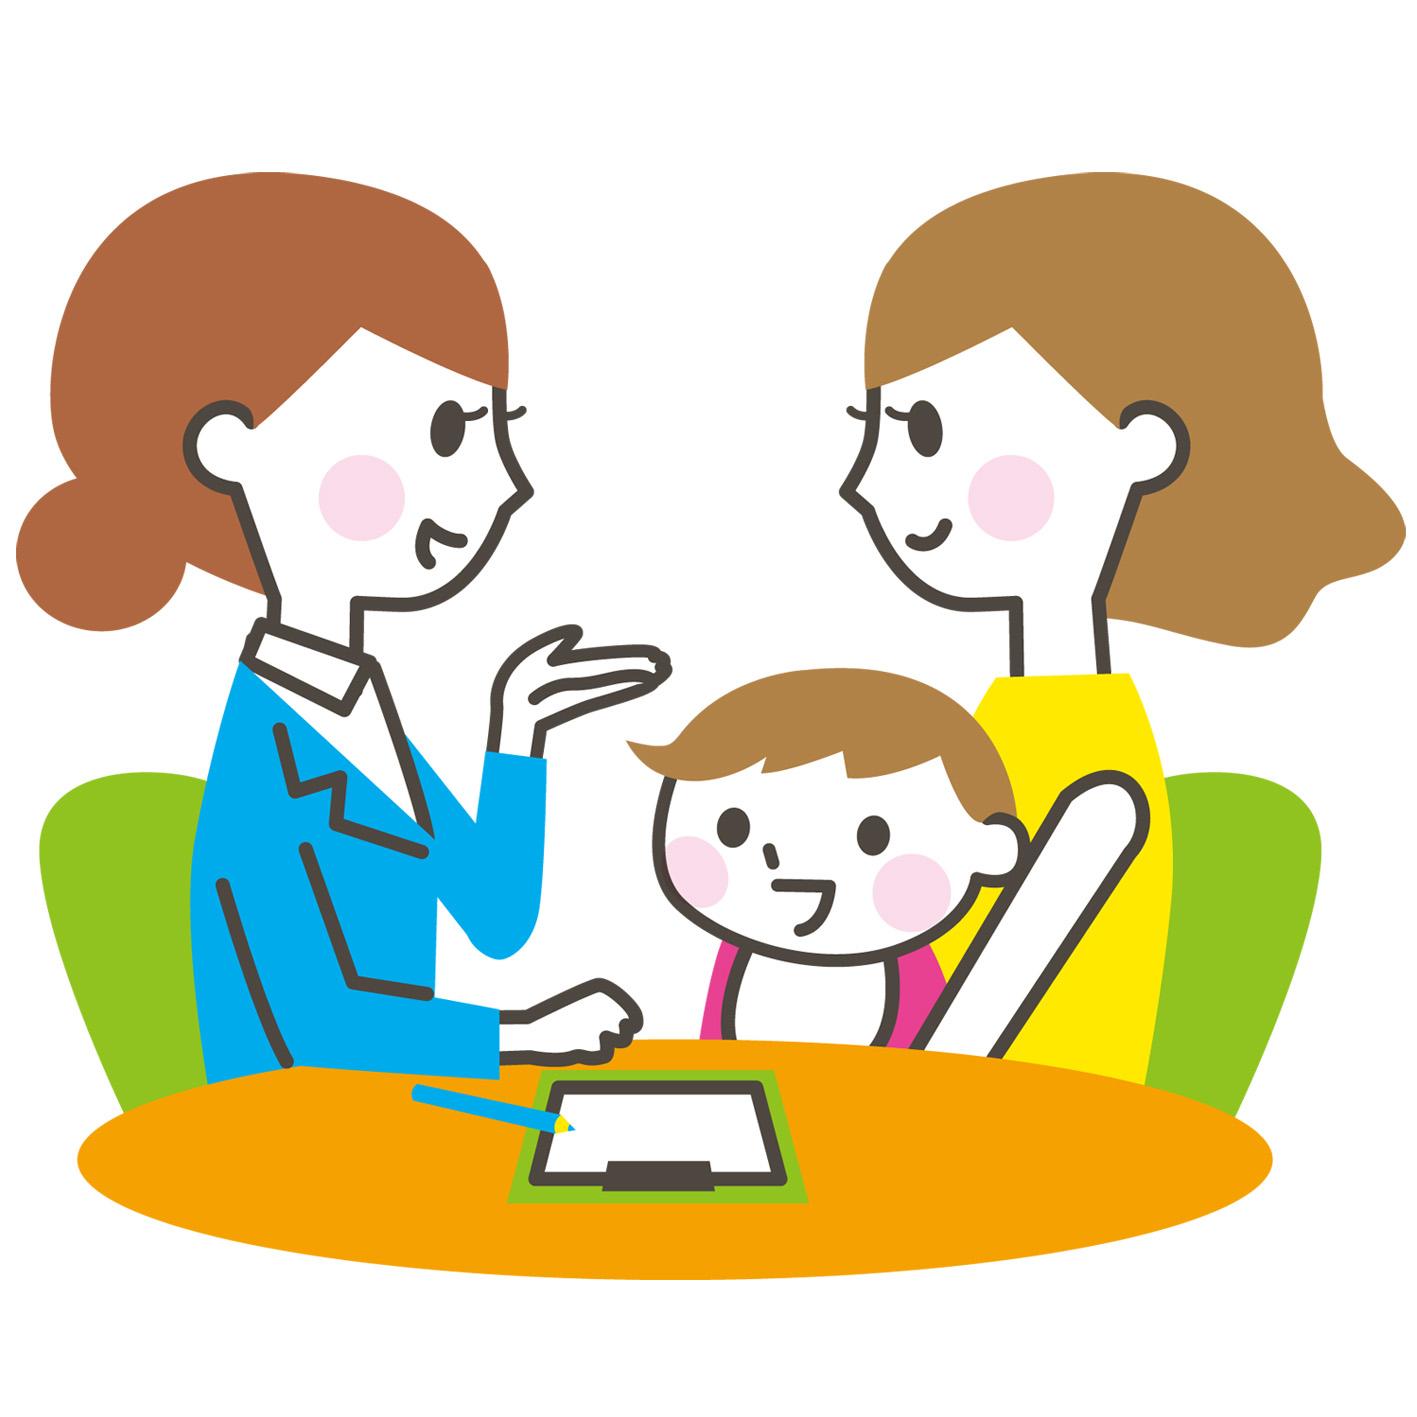 親と子が発達障害である場合、子どもへの支援が遅れる懸念